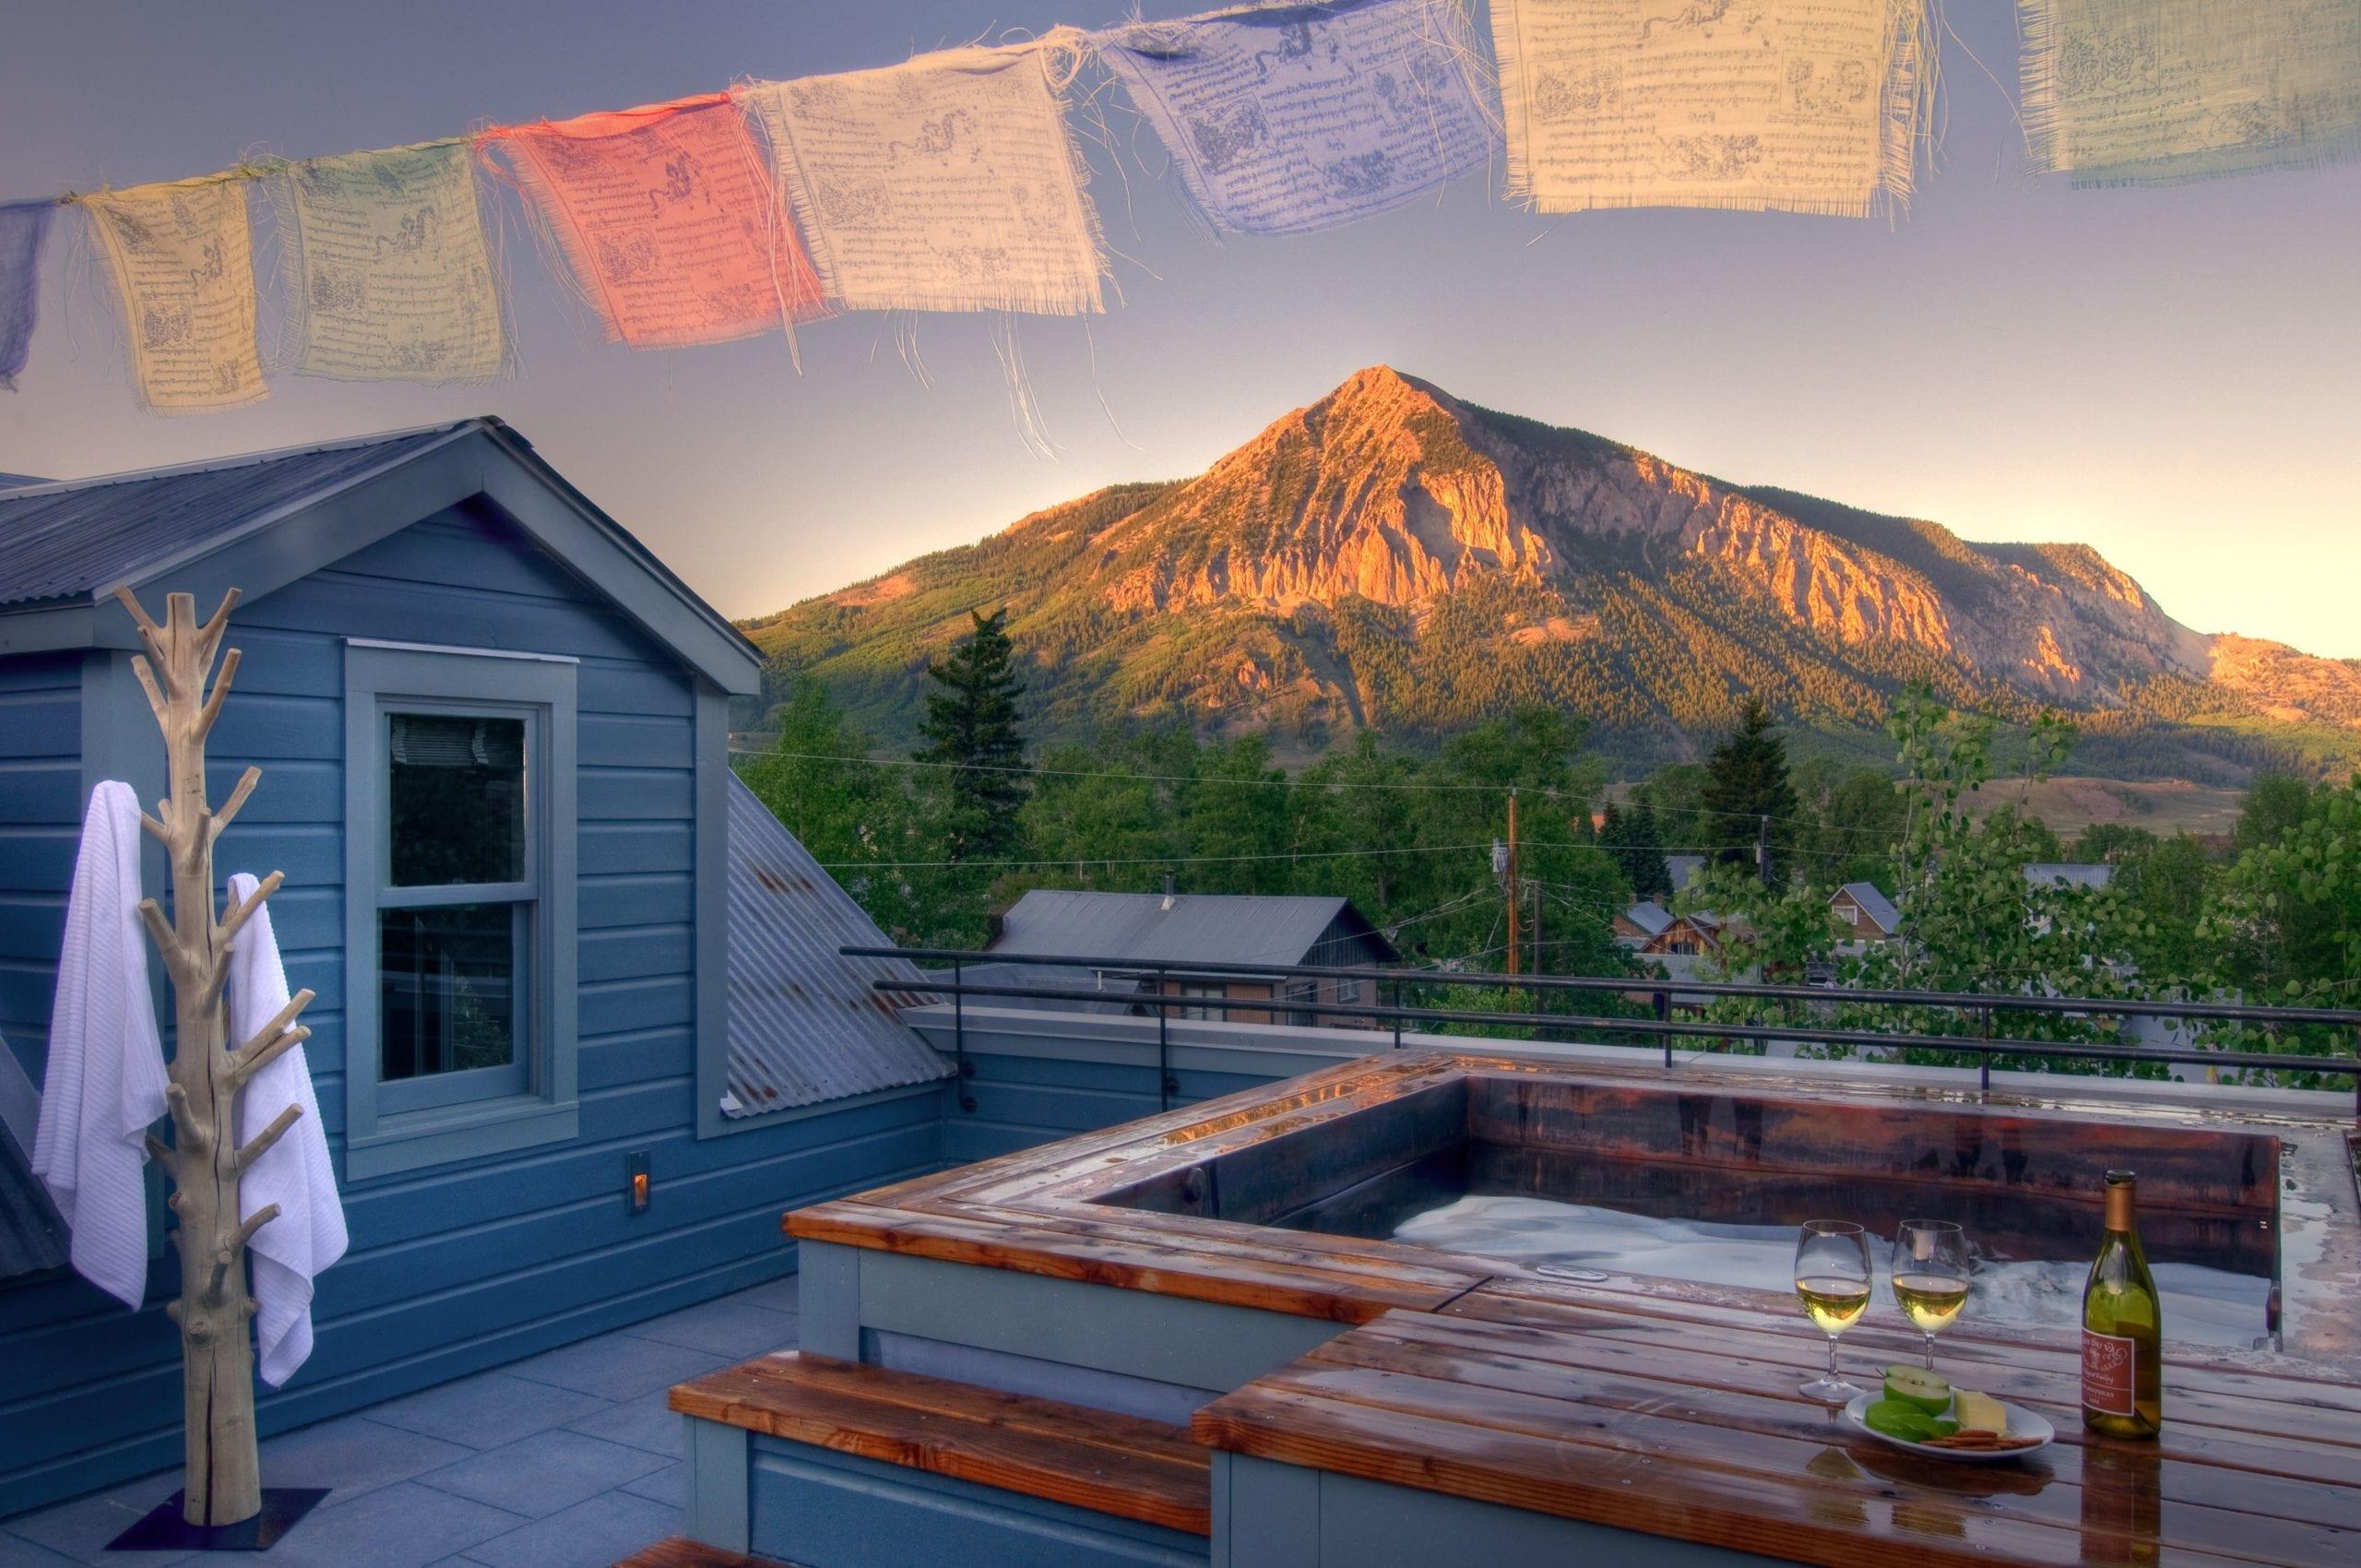 Rooftop Hot Tub at Sunset at Scarp Ridge Lodge Colorado USA